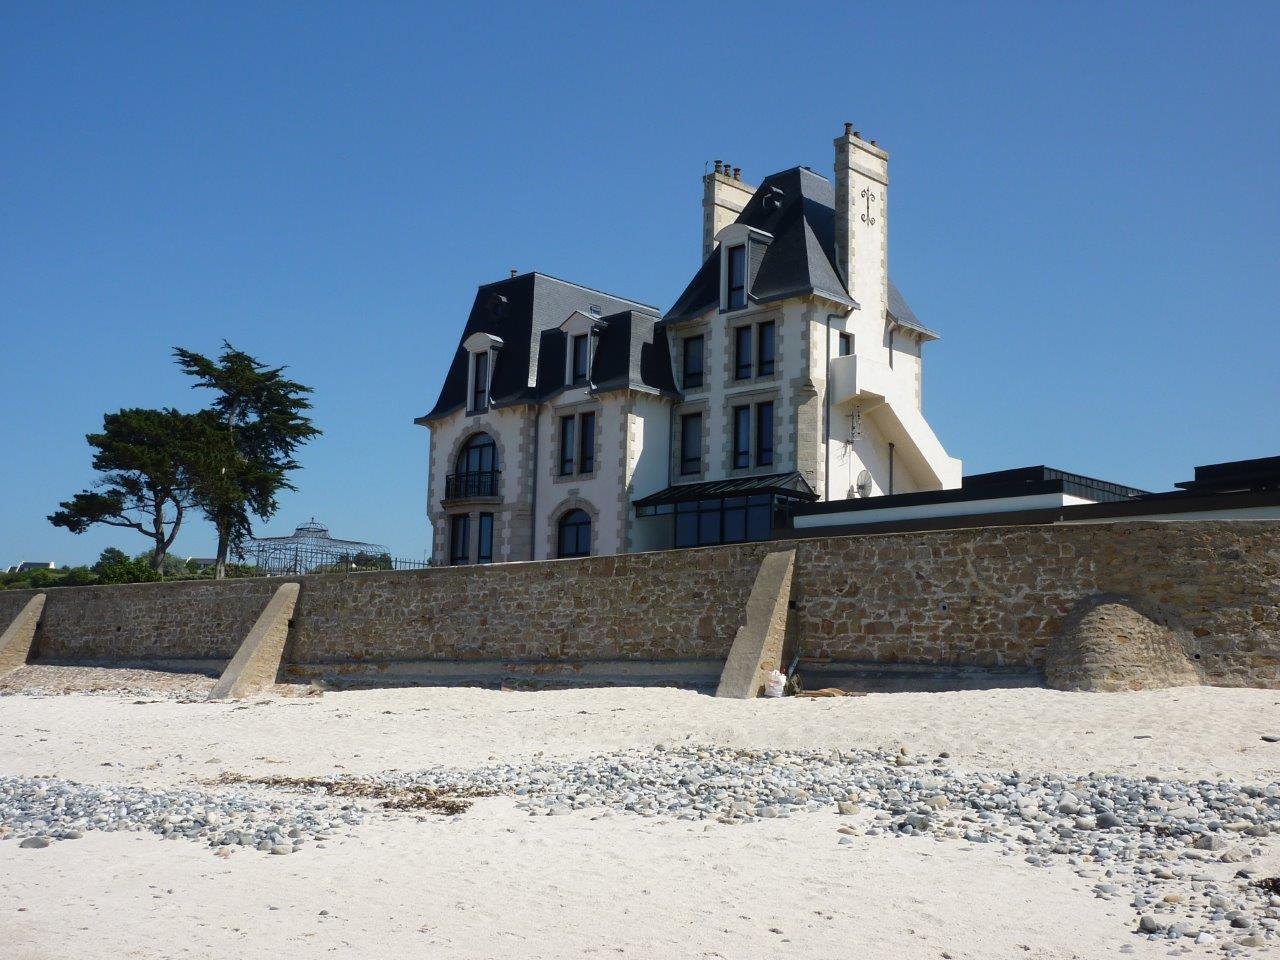 단독 가정 주택 용 매매 에 Chateau Place Hebrt Other Brittany, 브리타니 29600 프랑스